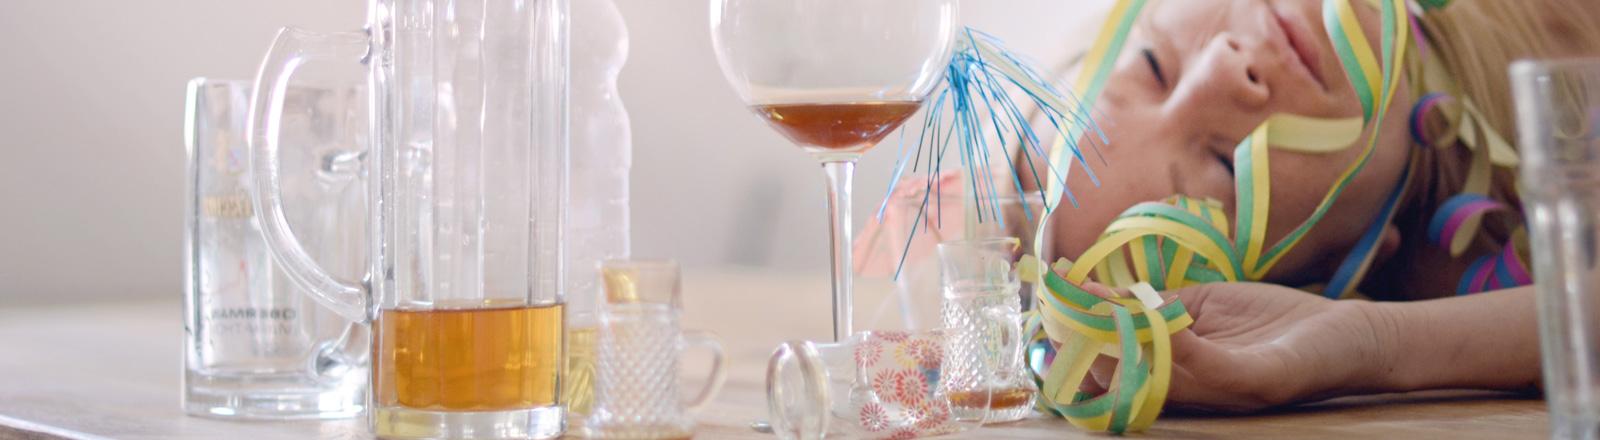 Eine betrunkene Frau liegt schlafende auf einem Tisch mit vielen leeren Gläsern.